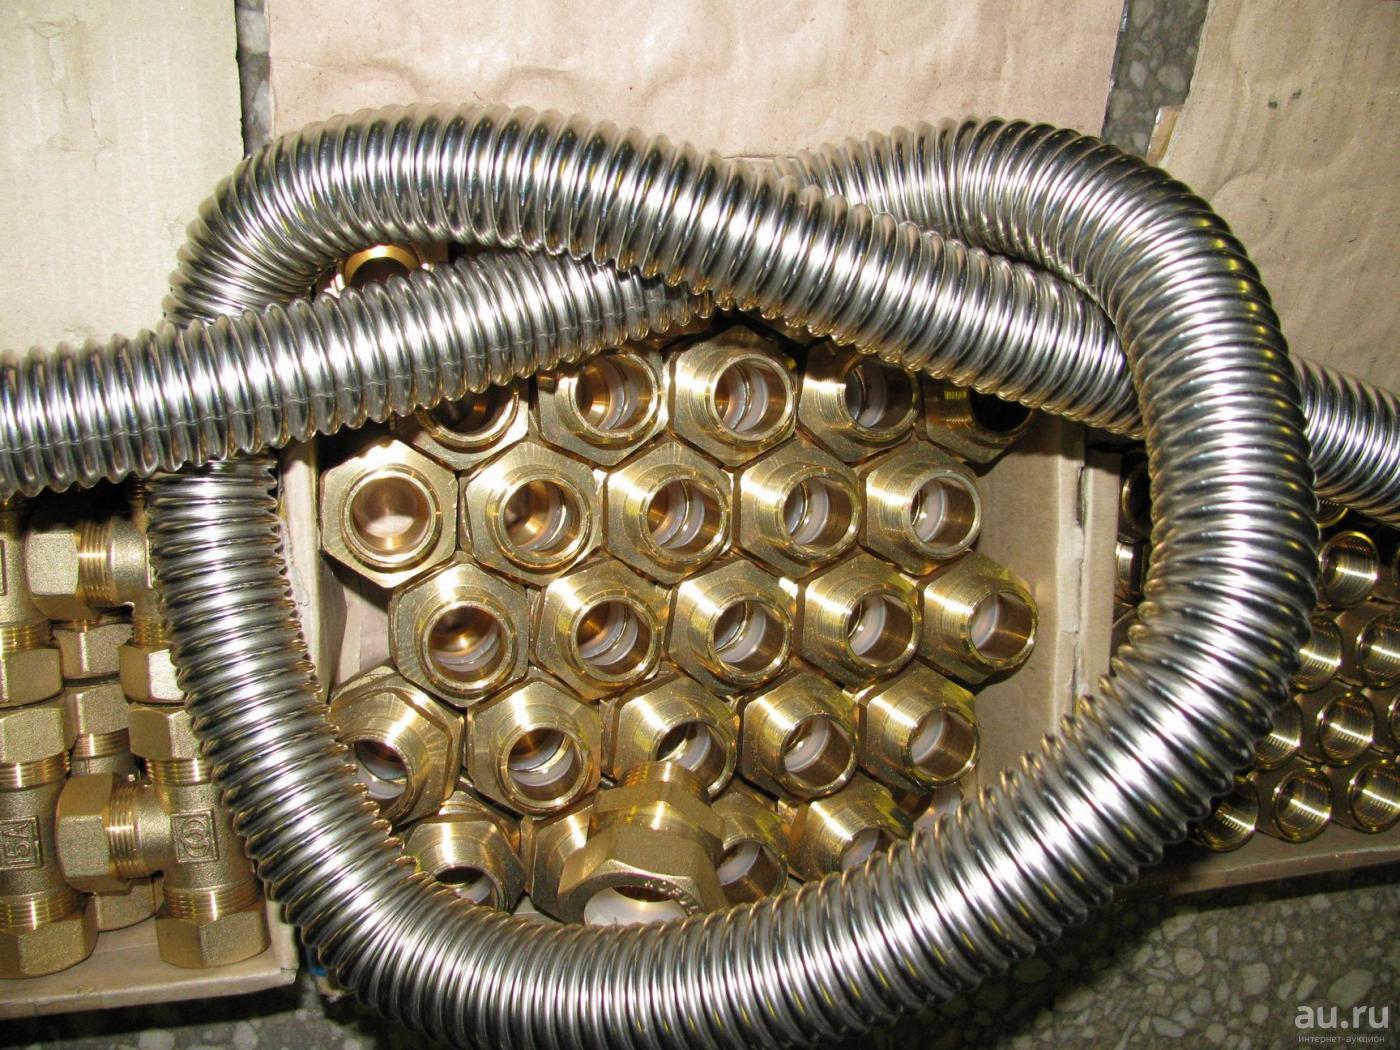 Гофрированная нержавеющая труба: гибкая из нержавеющей стали для отопления, водоснабжения, гофра нержавейка металлическая, стальная гофротруба